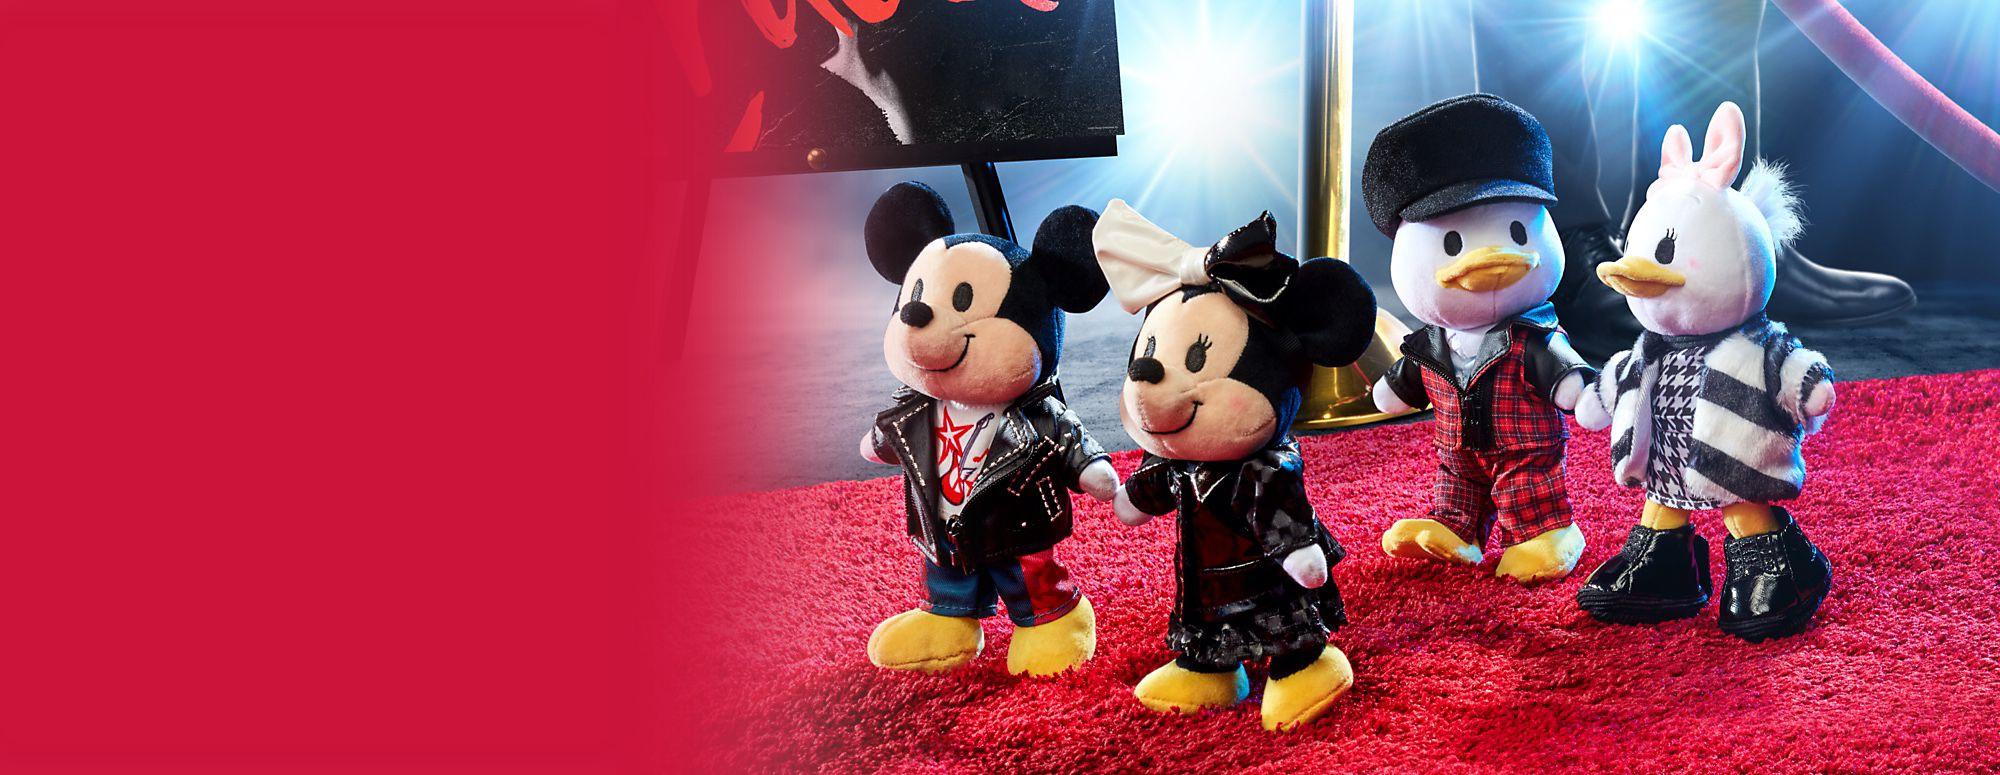 Disney nuiMOs Setze rebellische Trends inspiriert von Disneys stylischster Bösewichtin Cruella! JETZT KAUFEN